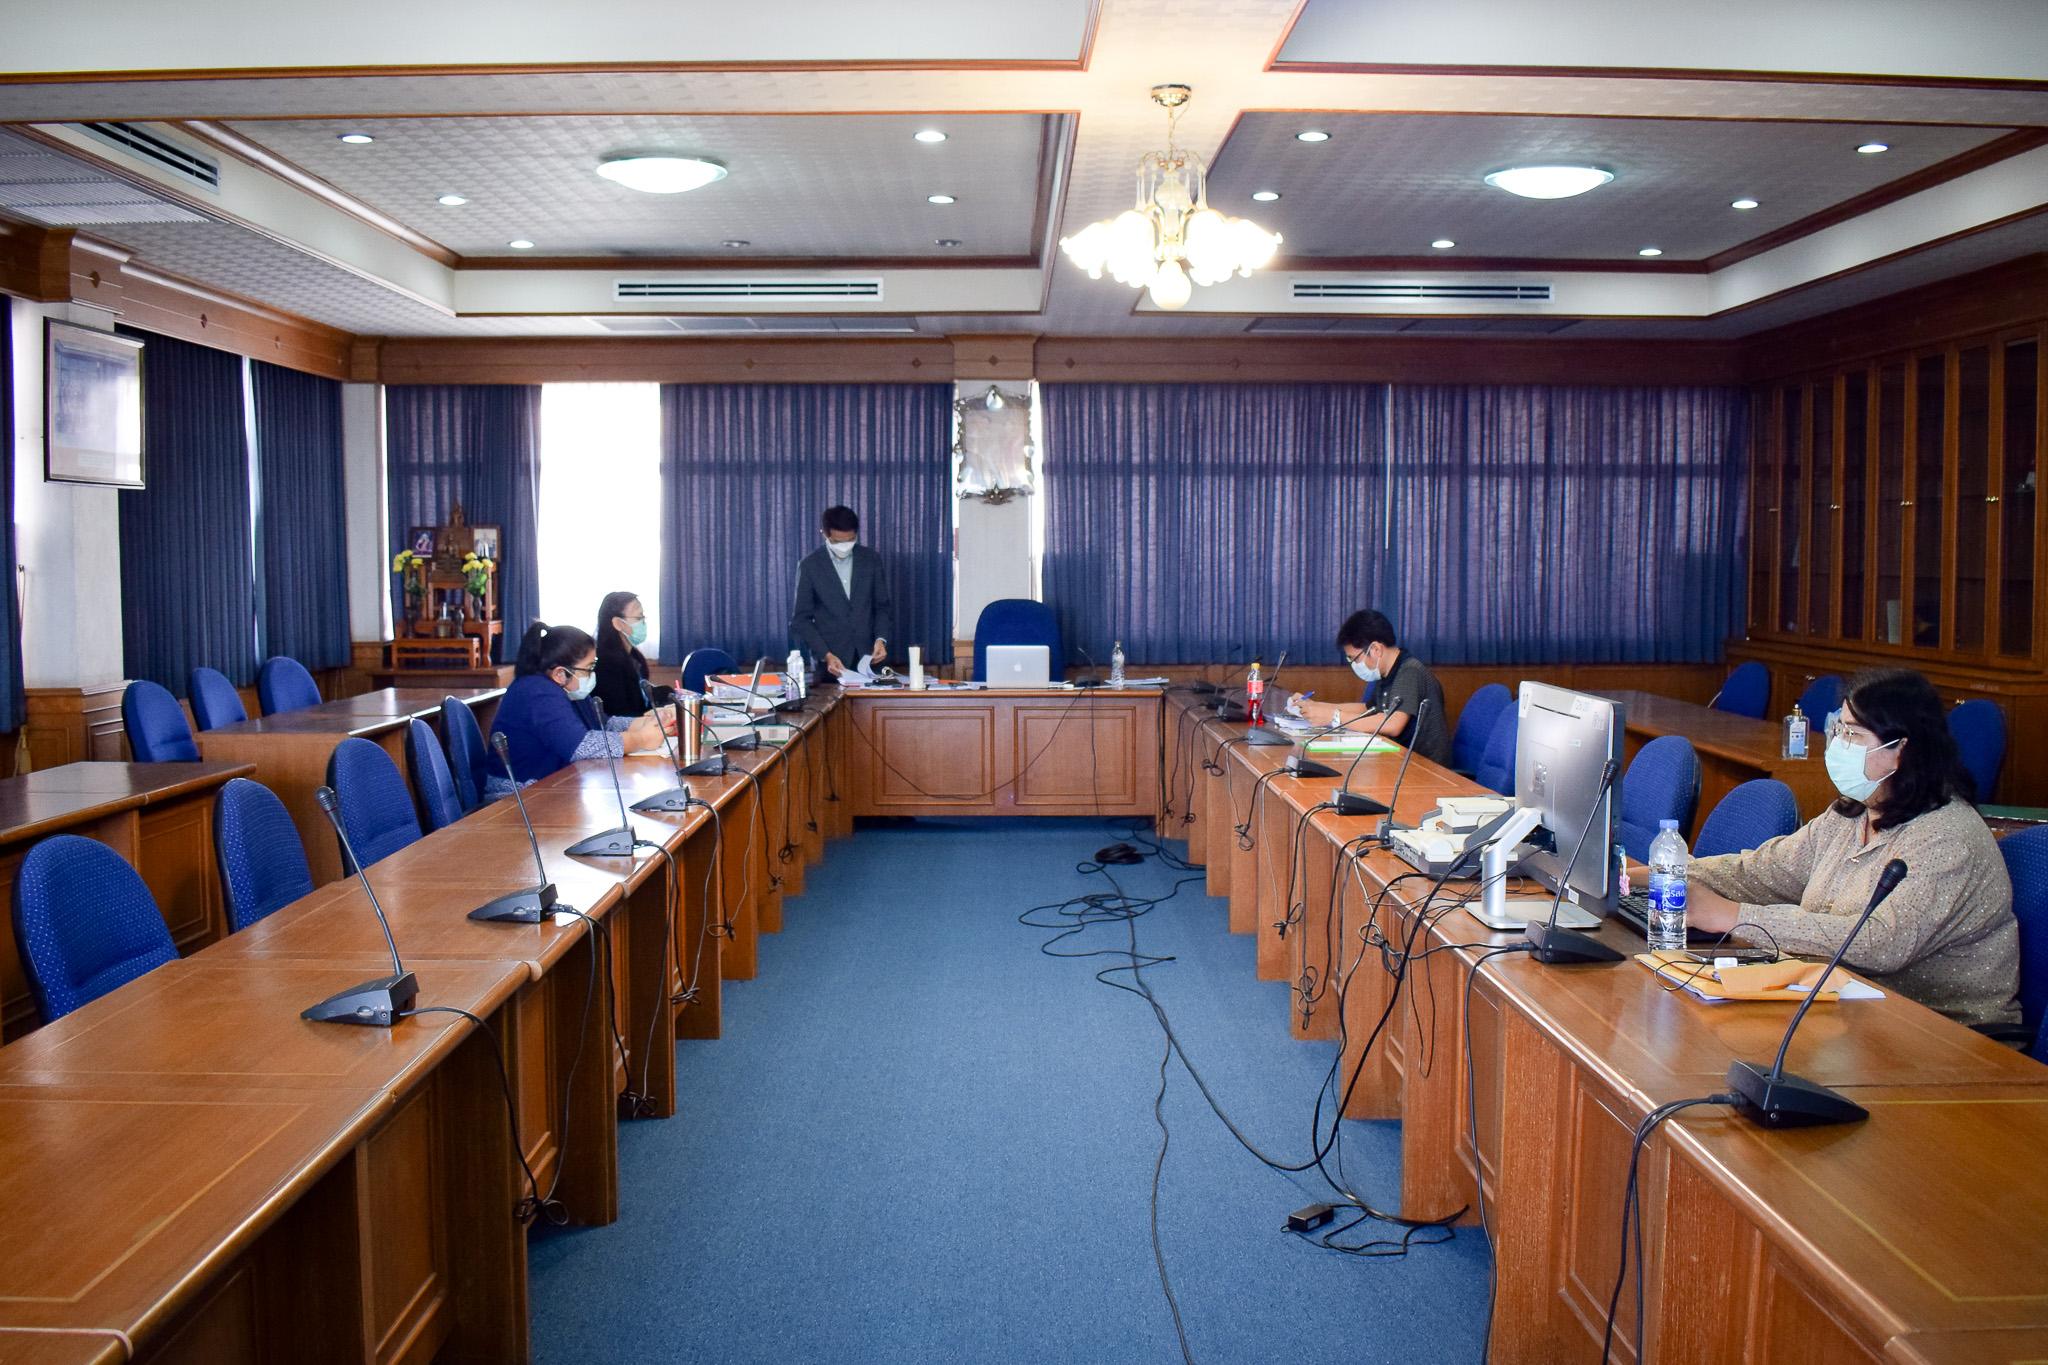 การประชุมคณะกรรมการประเมินผลปฏิบัติราชการเพื่อเลื่อนเงินเดือนบุคลากรคณะวิทยาการจัดการ ครั้งที่ 2